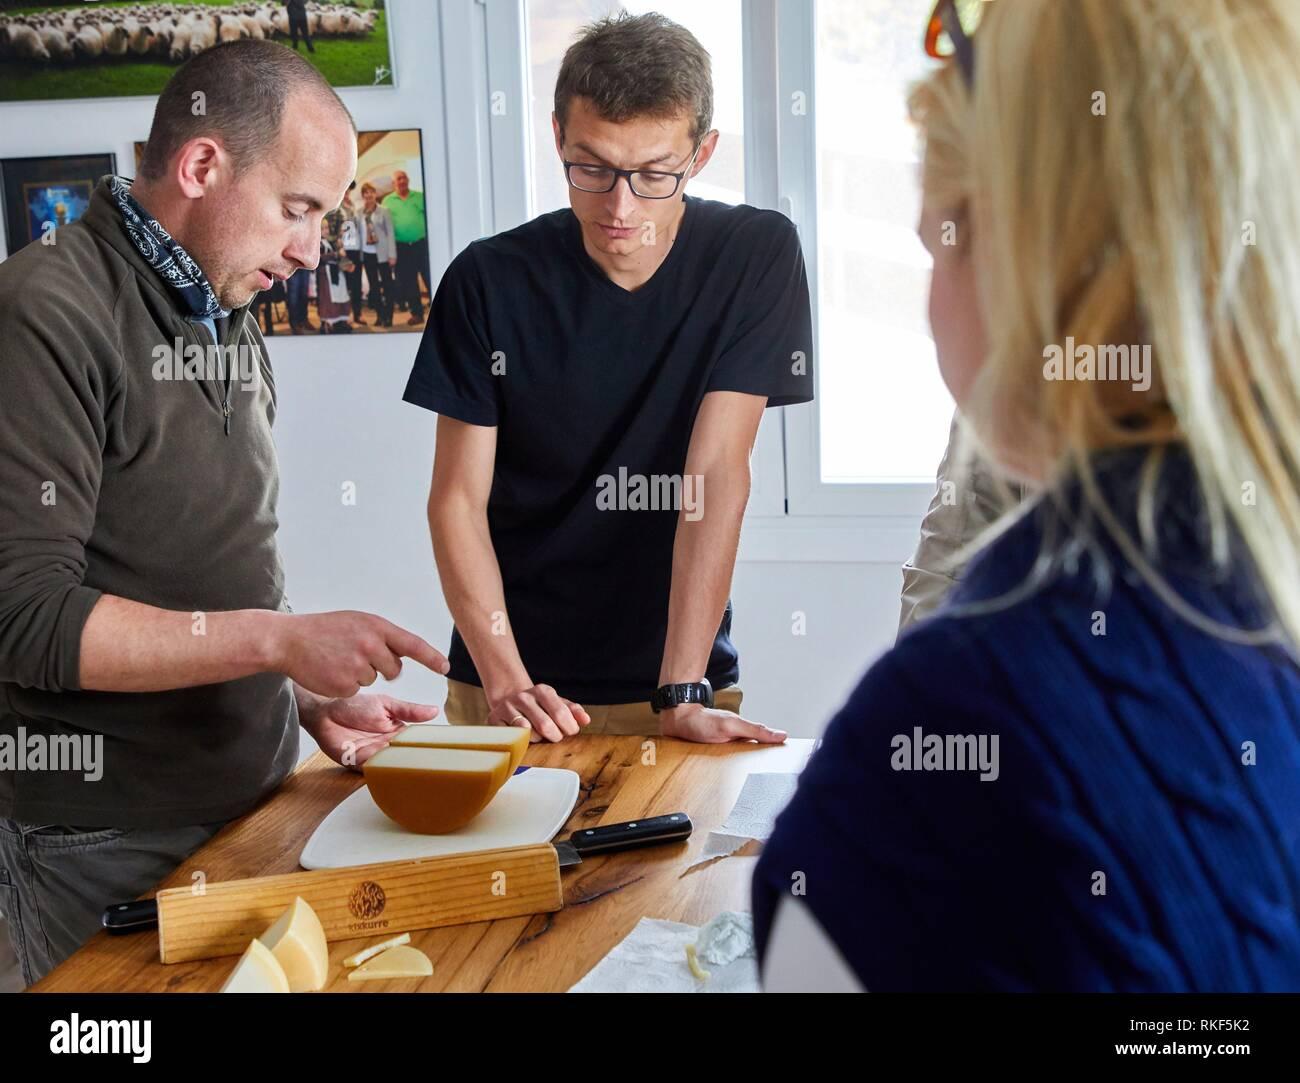 Tour con guida di gruppo, degustazione di formaggio di pecora, formaggi a denominazione di origine Idiazabal, Caserio Mausitxa, Elgoibar, Gipuzkoa, Paese Basco, Immagini Stock